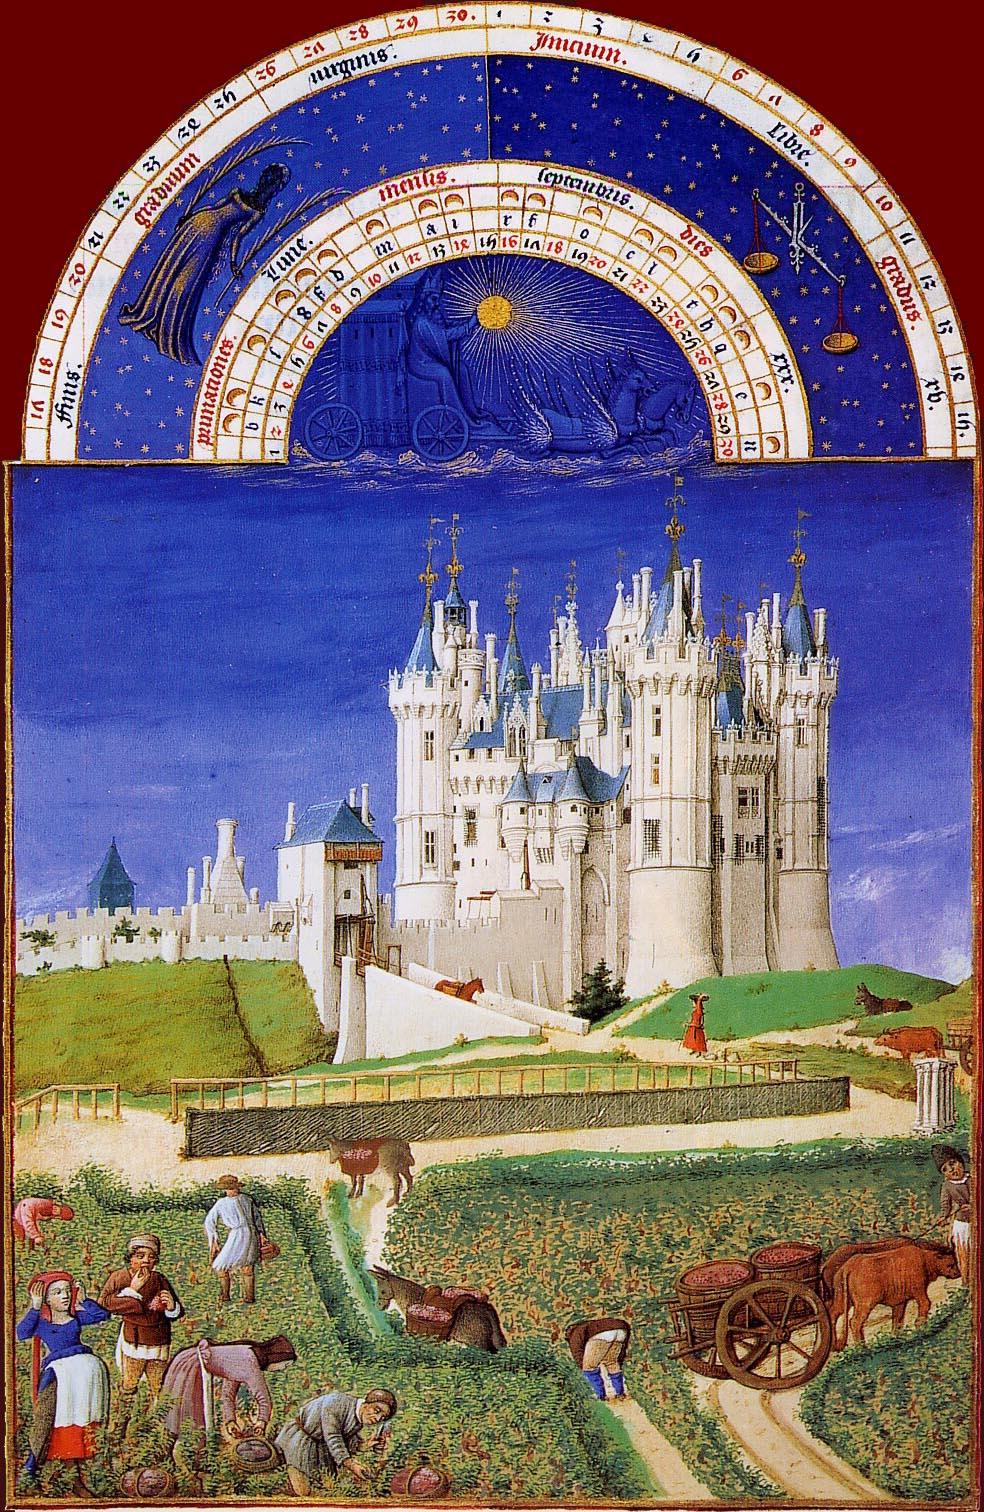 Les Très Riches Heures du duc de Berry, le mois de septembre (enluminure  des frères de Limbourg, XVe siècle, musée Condé, Chantilly)